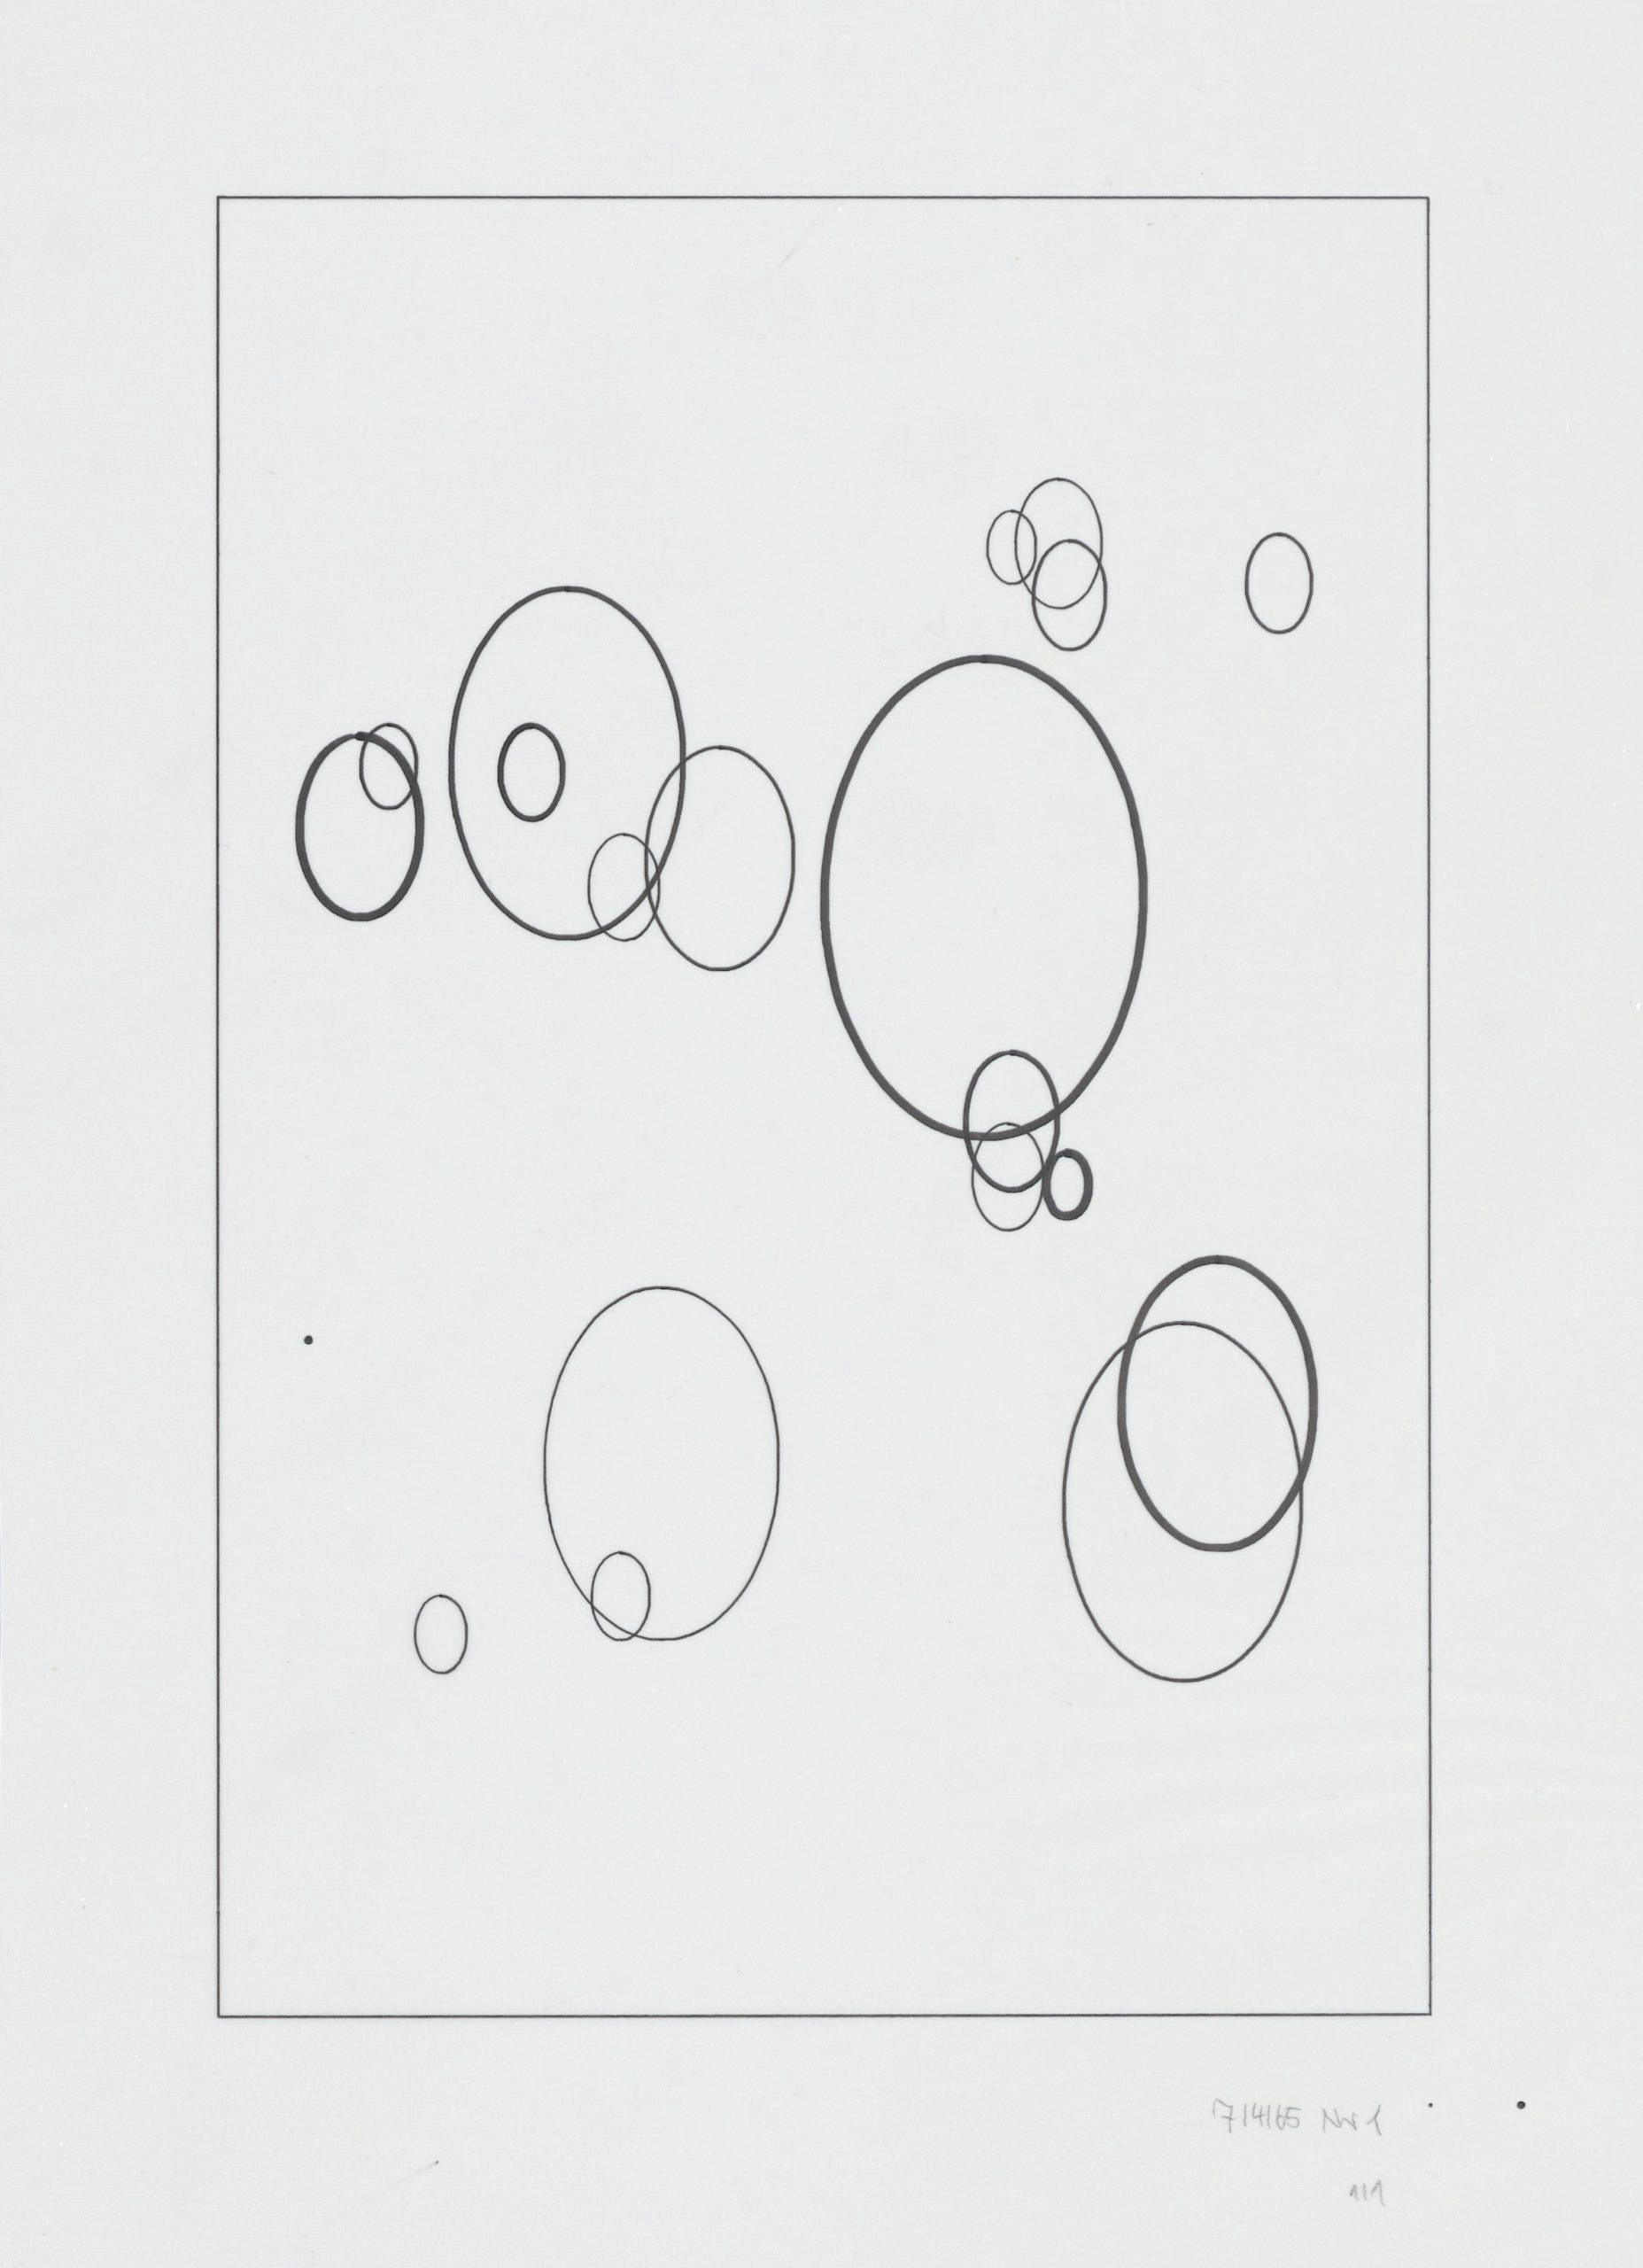 Frieder Nake, Plotterzeichnung, Tinte auf Papier, 30 x 20 cm, 1965, Preis: 4 500 Euro